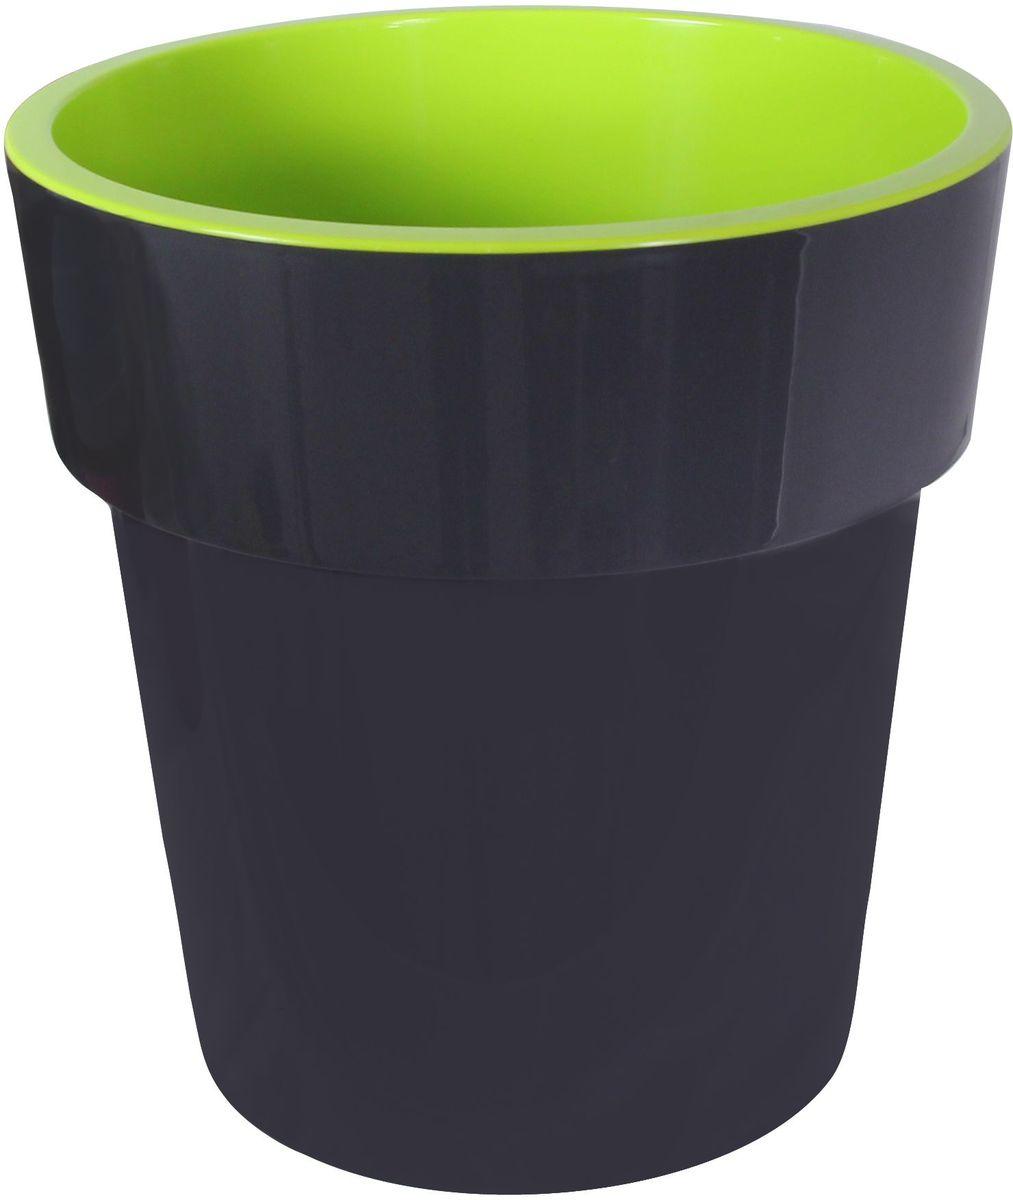 Кашпо Idea Тубус, цвет: графитовый, диаметр 20 смМ 3165Кашпо Idea Тубус изготовлено из прочного пластика. Изделие прекрасно подходит для выращивания растений и цветов в домашних условиях. Стильный современный дизайн органично впишется в интерьер помещения.Диаметр кашпо: 20 см. Высота кашпо: 20 см.